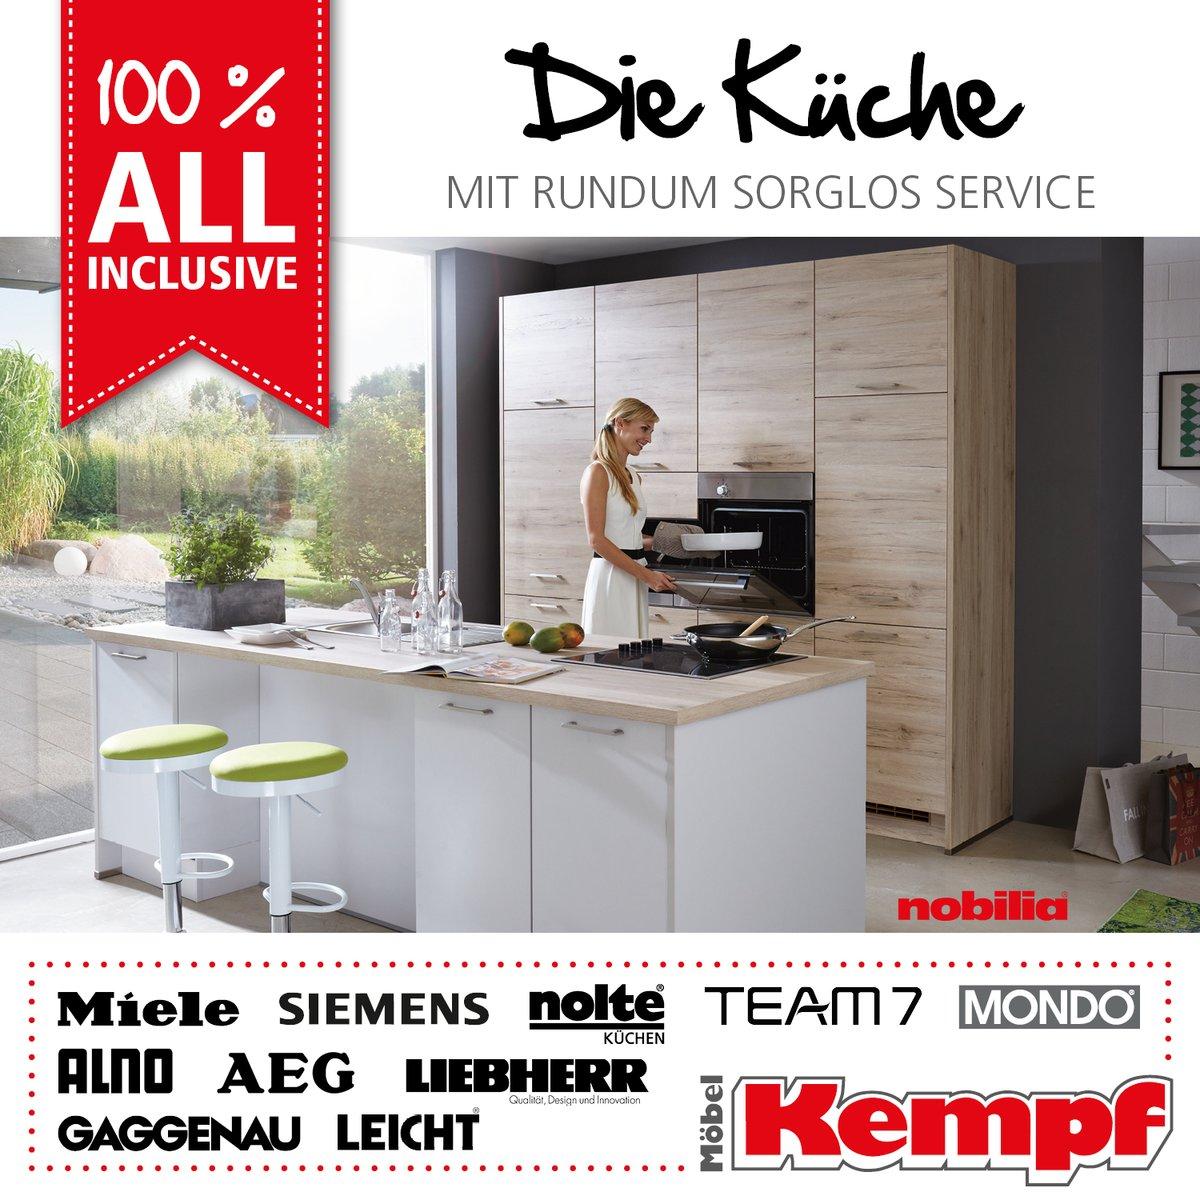 Möbel Kempf In Aschaffenburg Und Bad König Bietet 100 Prozent Küchen